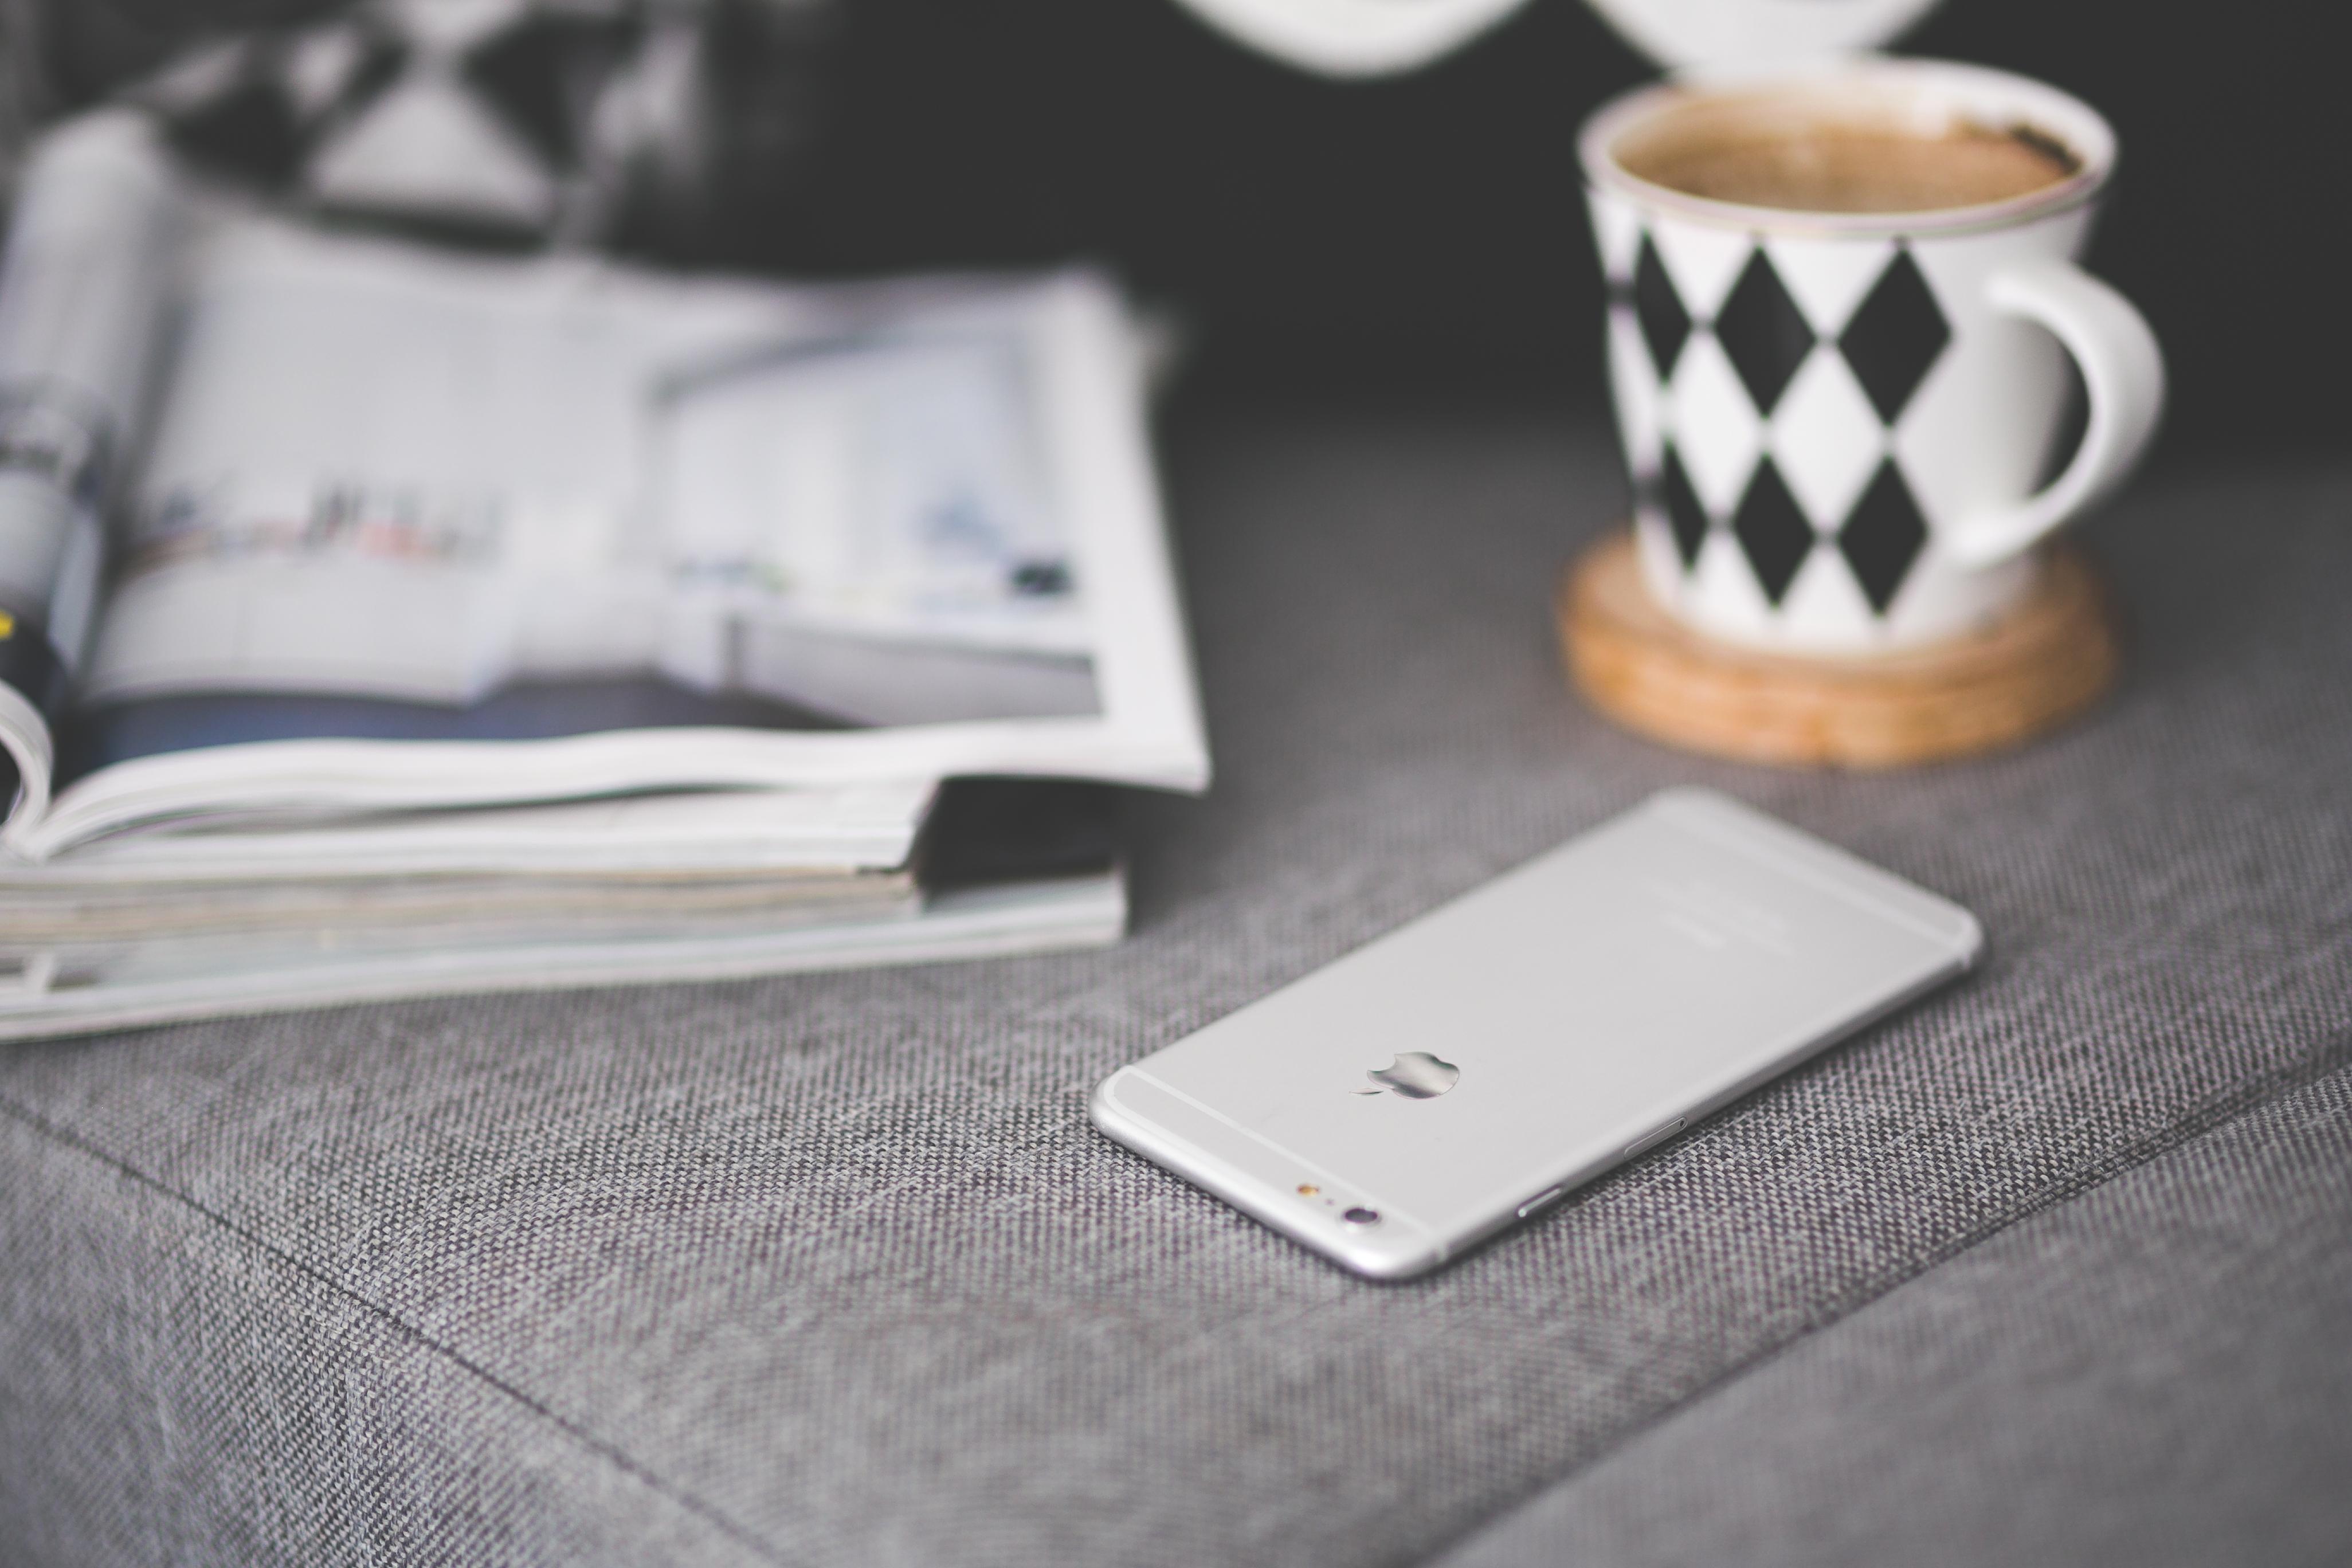 coffee-mug-apple-iphone.jpg